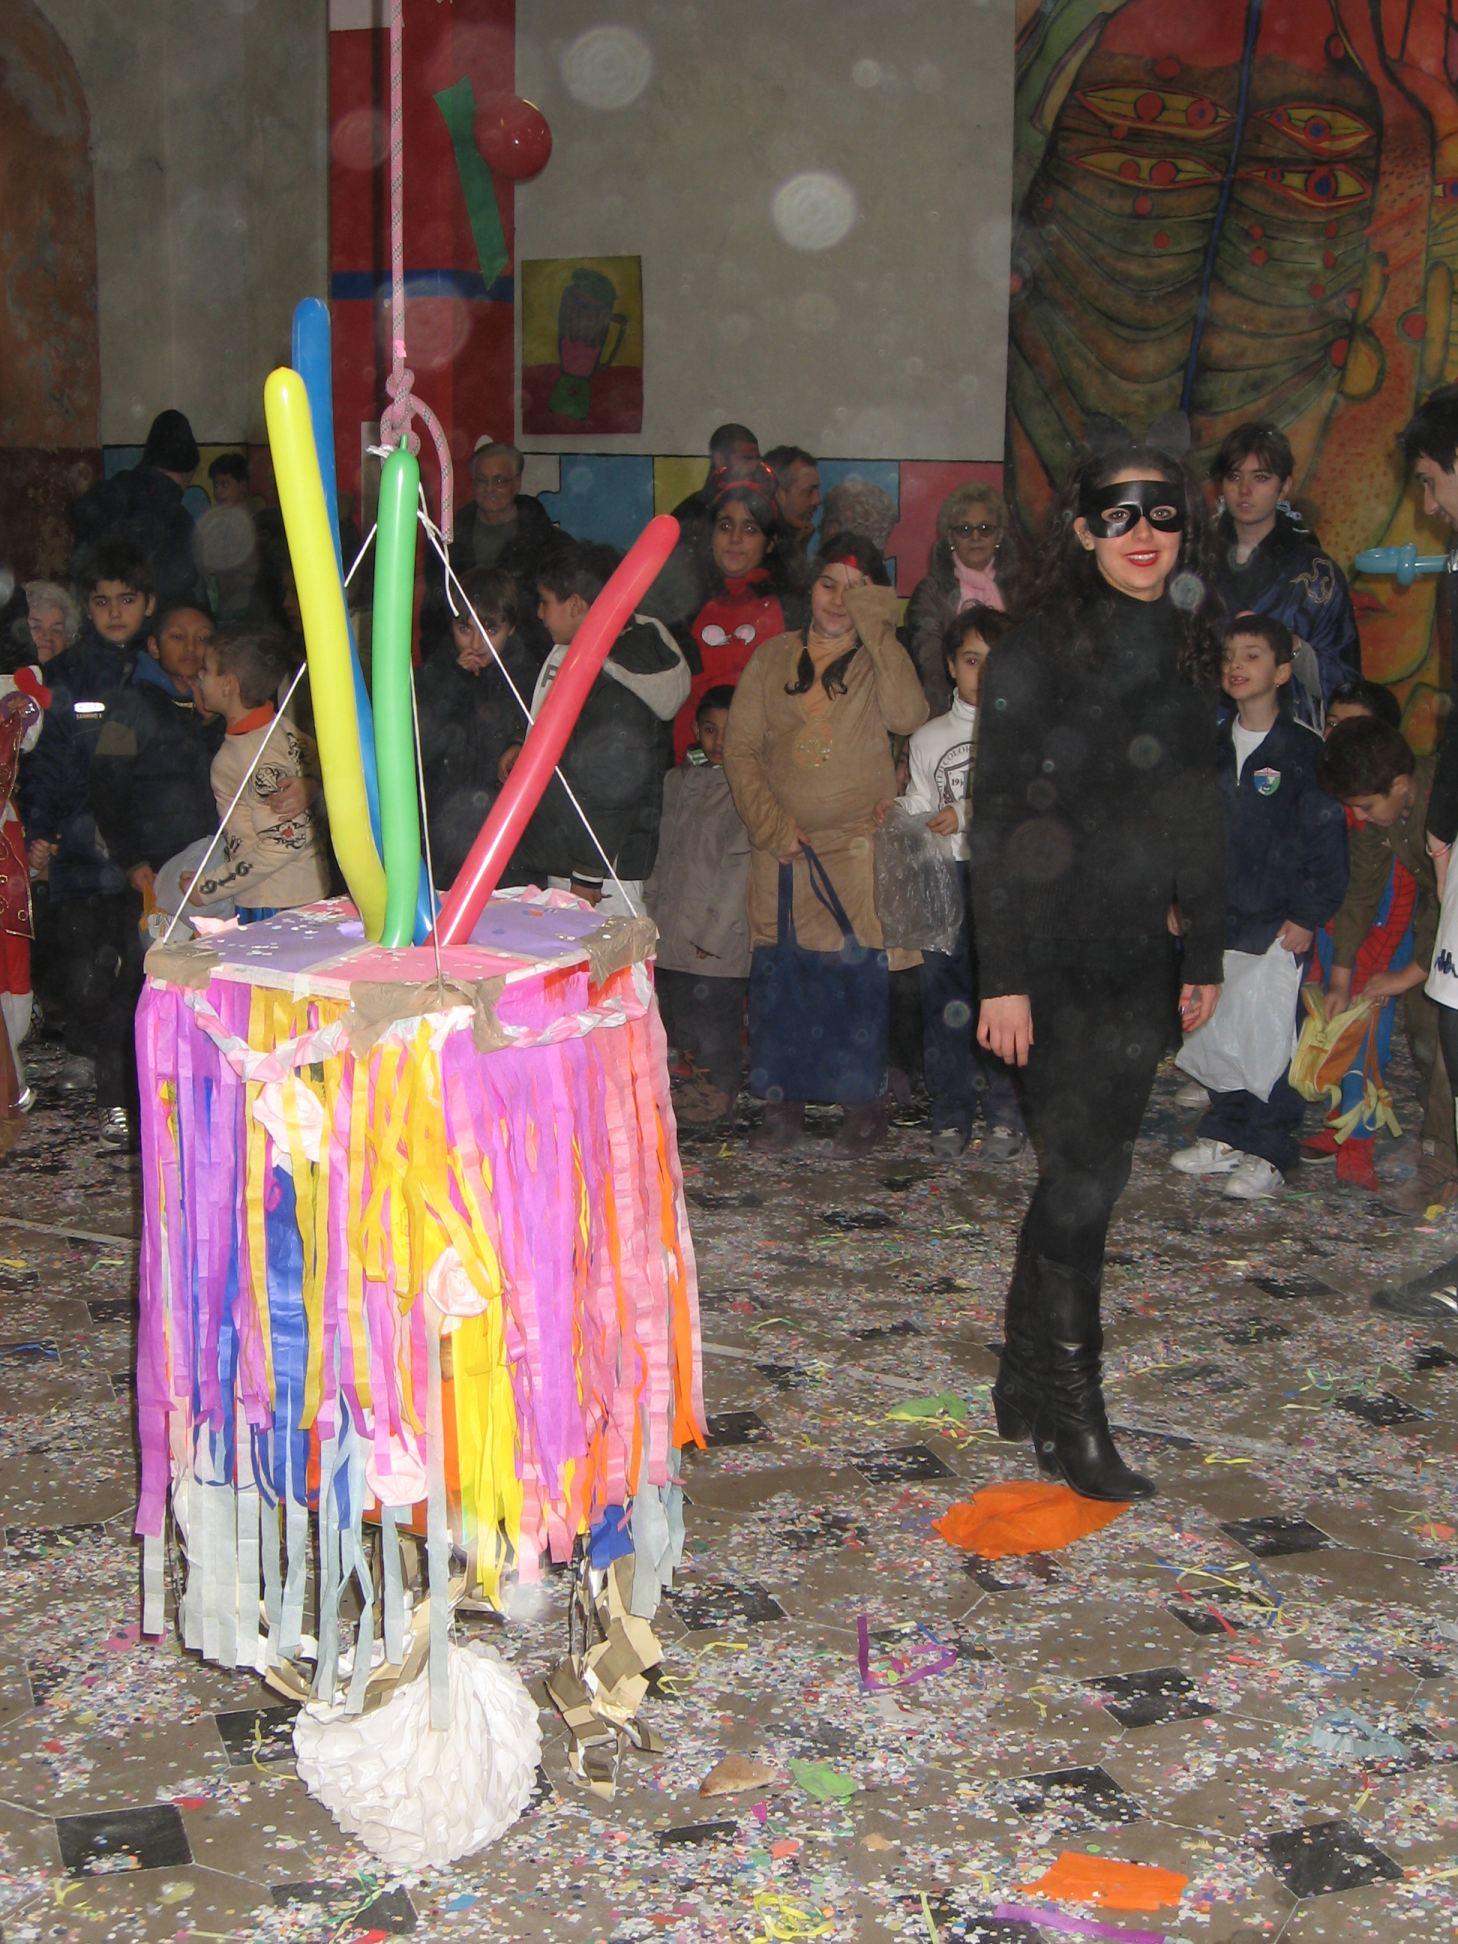 Pentolaccia-2010-02-14--17.39.45